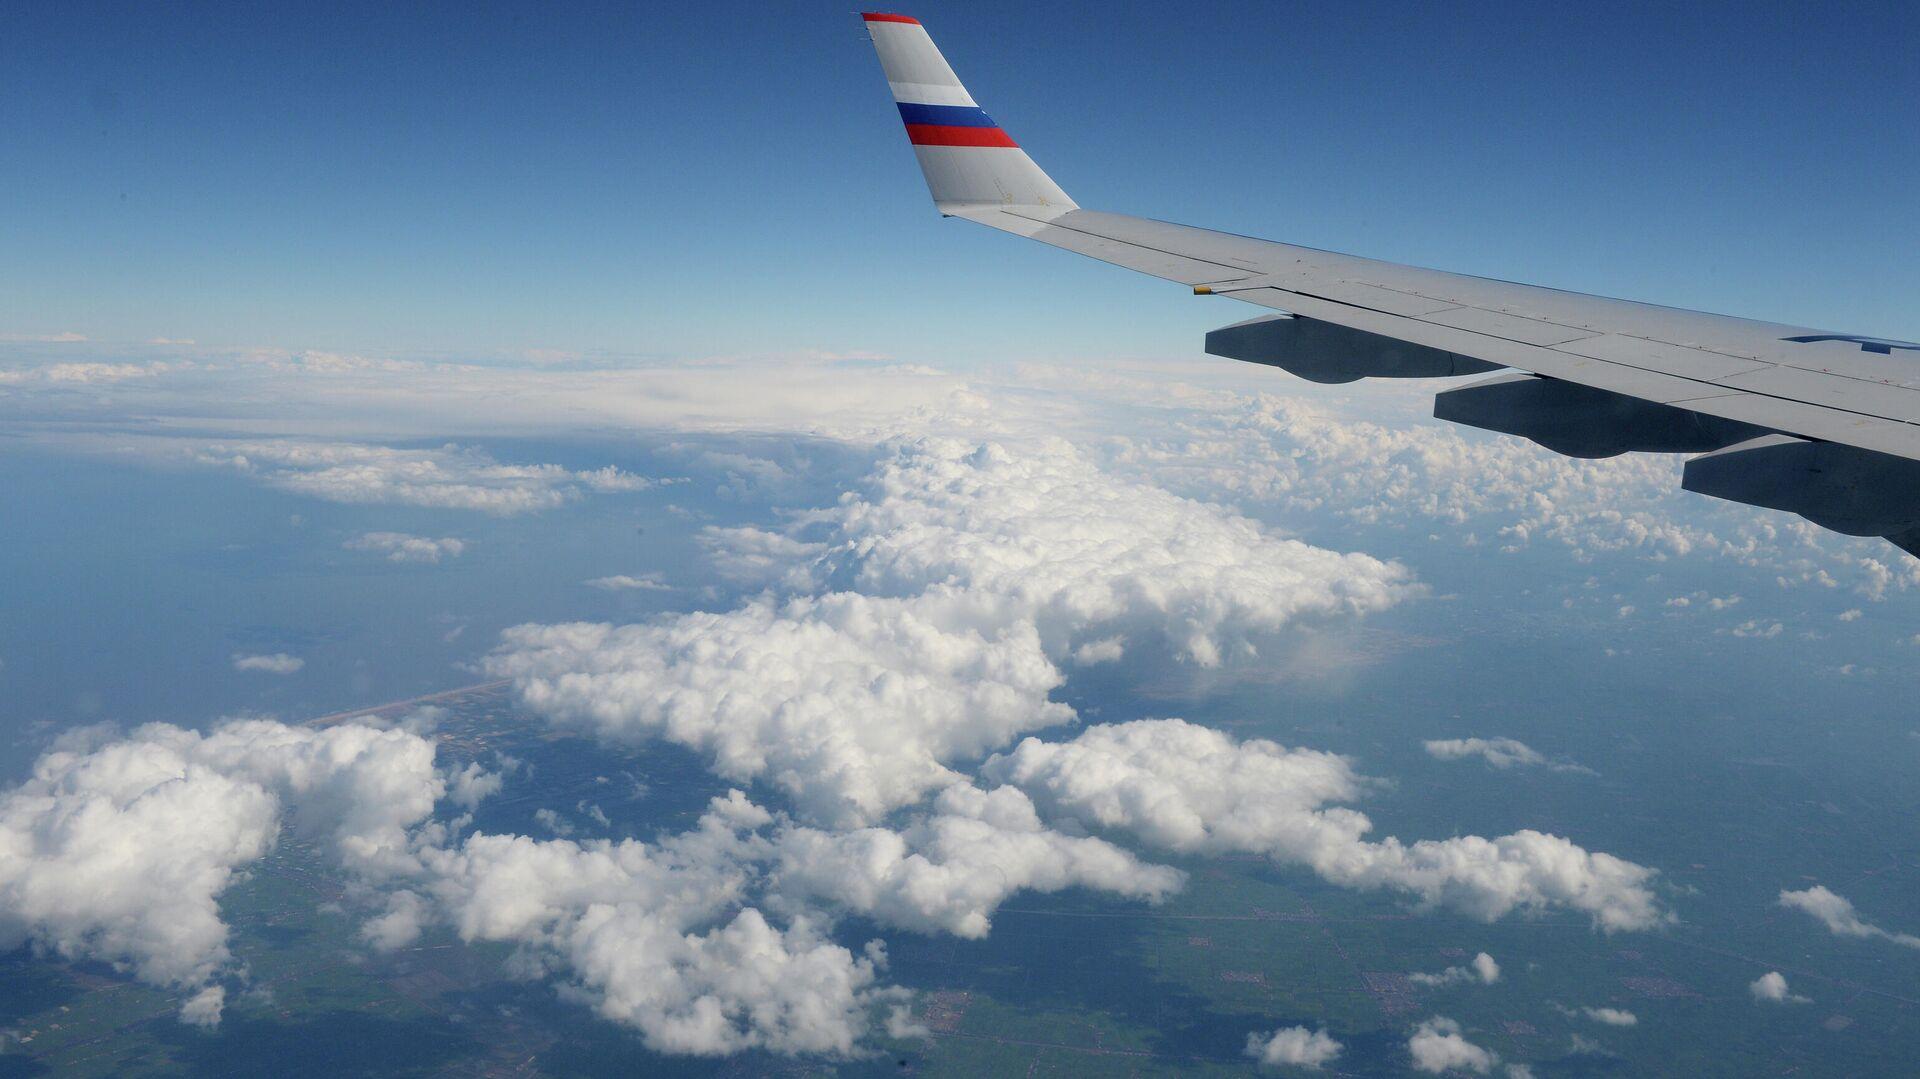 Авиарейс в Хабаровск задержали в Новосибирске из-за технеисправности